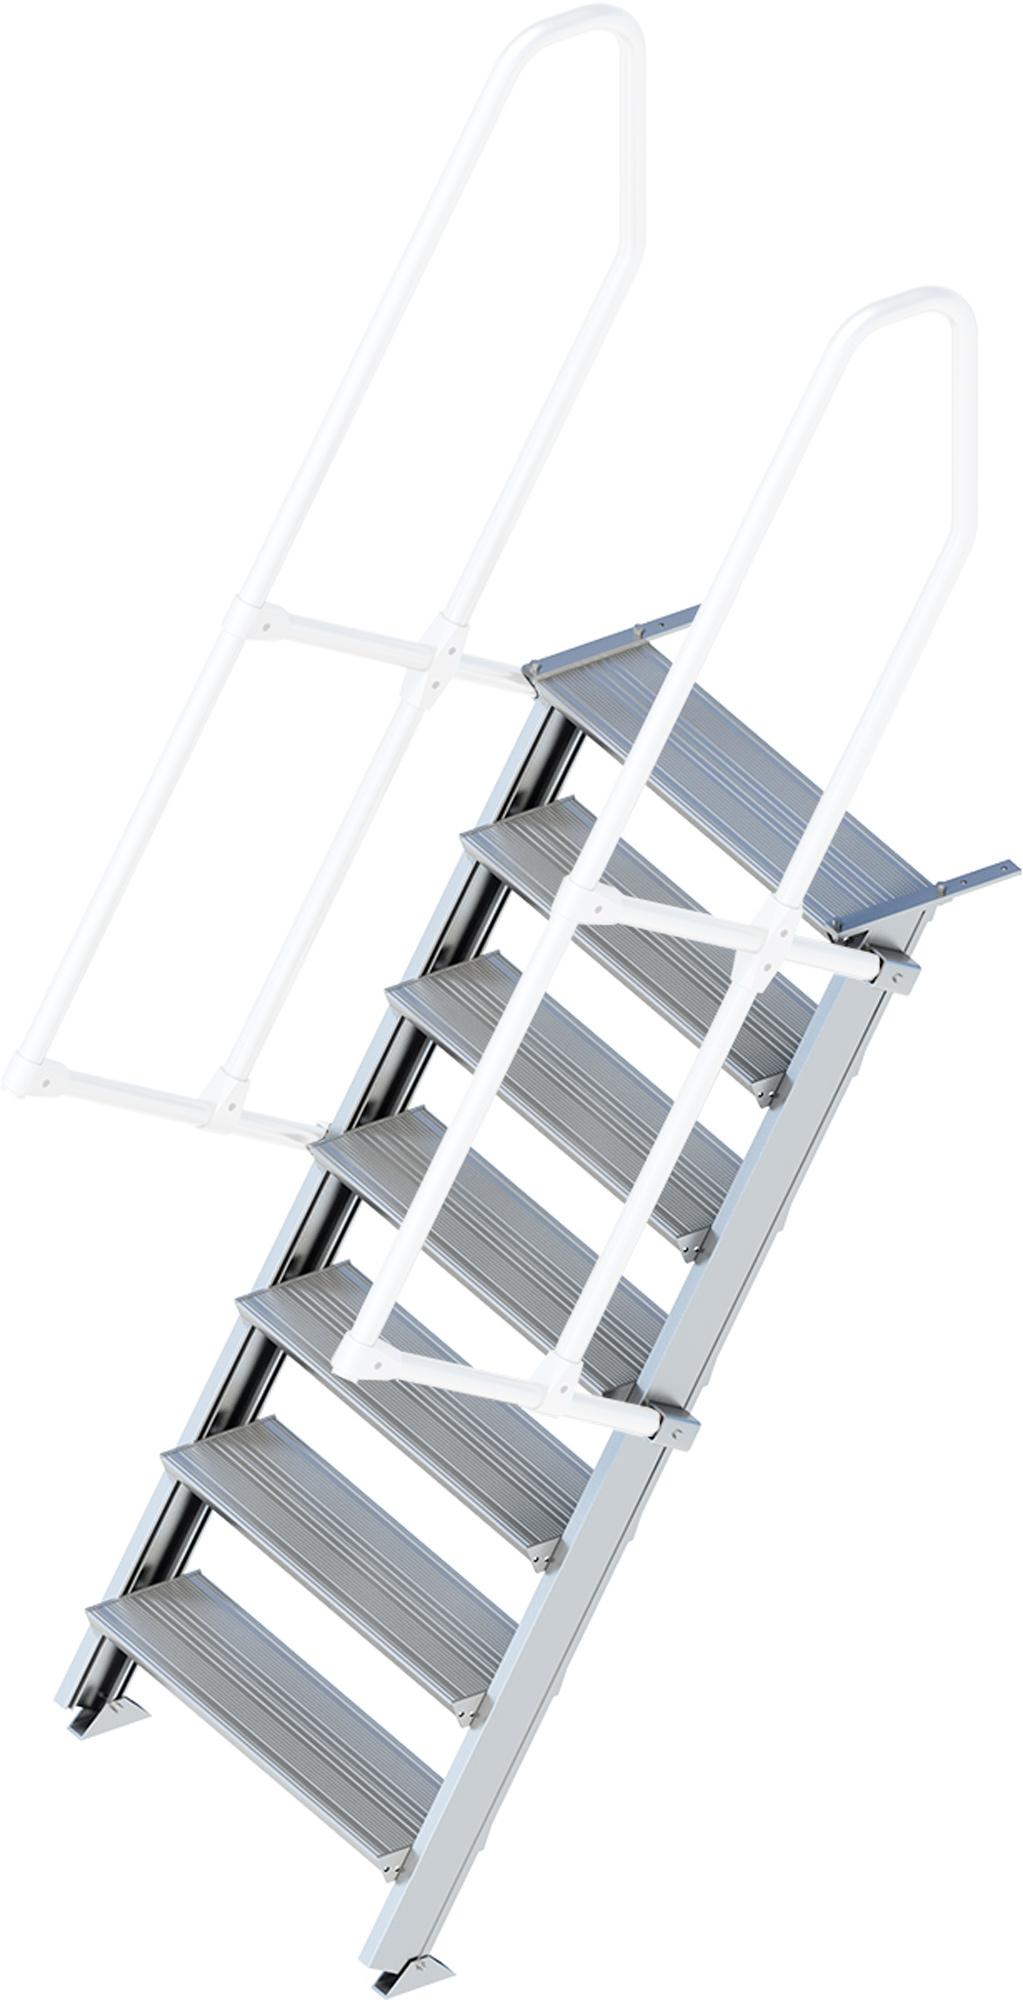 Layher Treppe 60° 7 Stufen - 800 mm breit